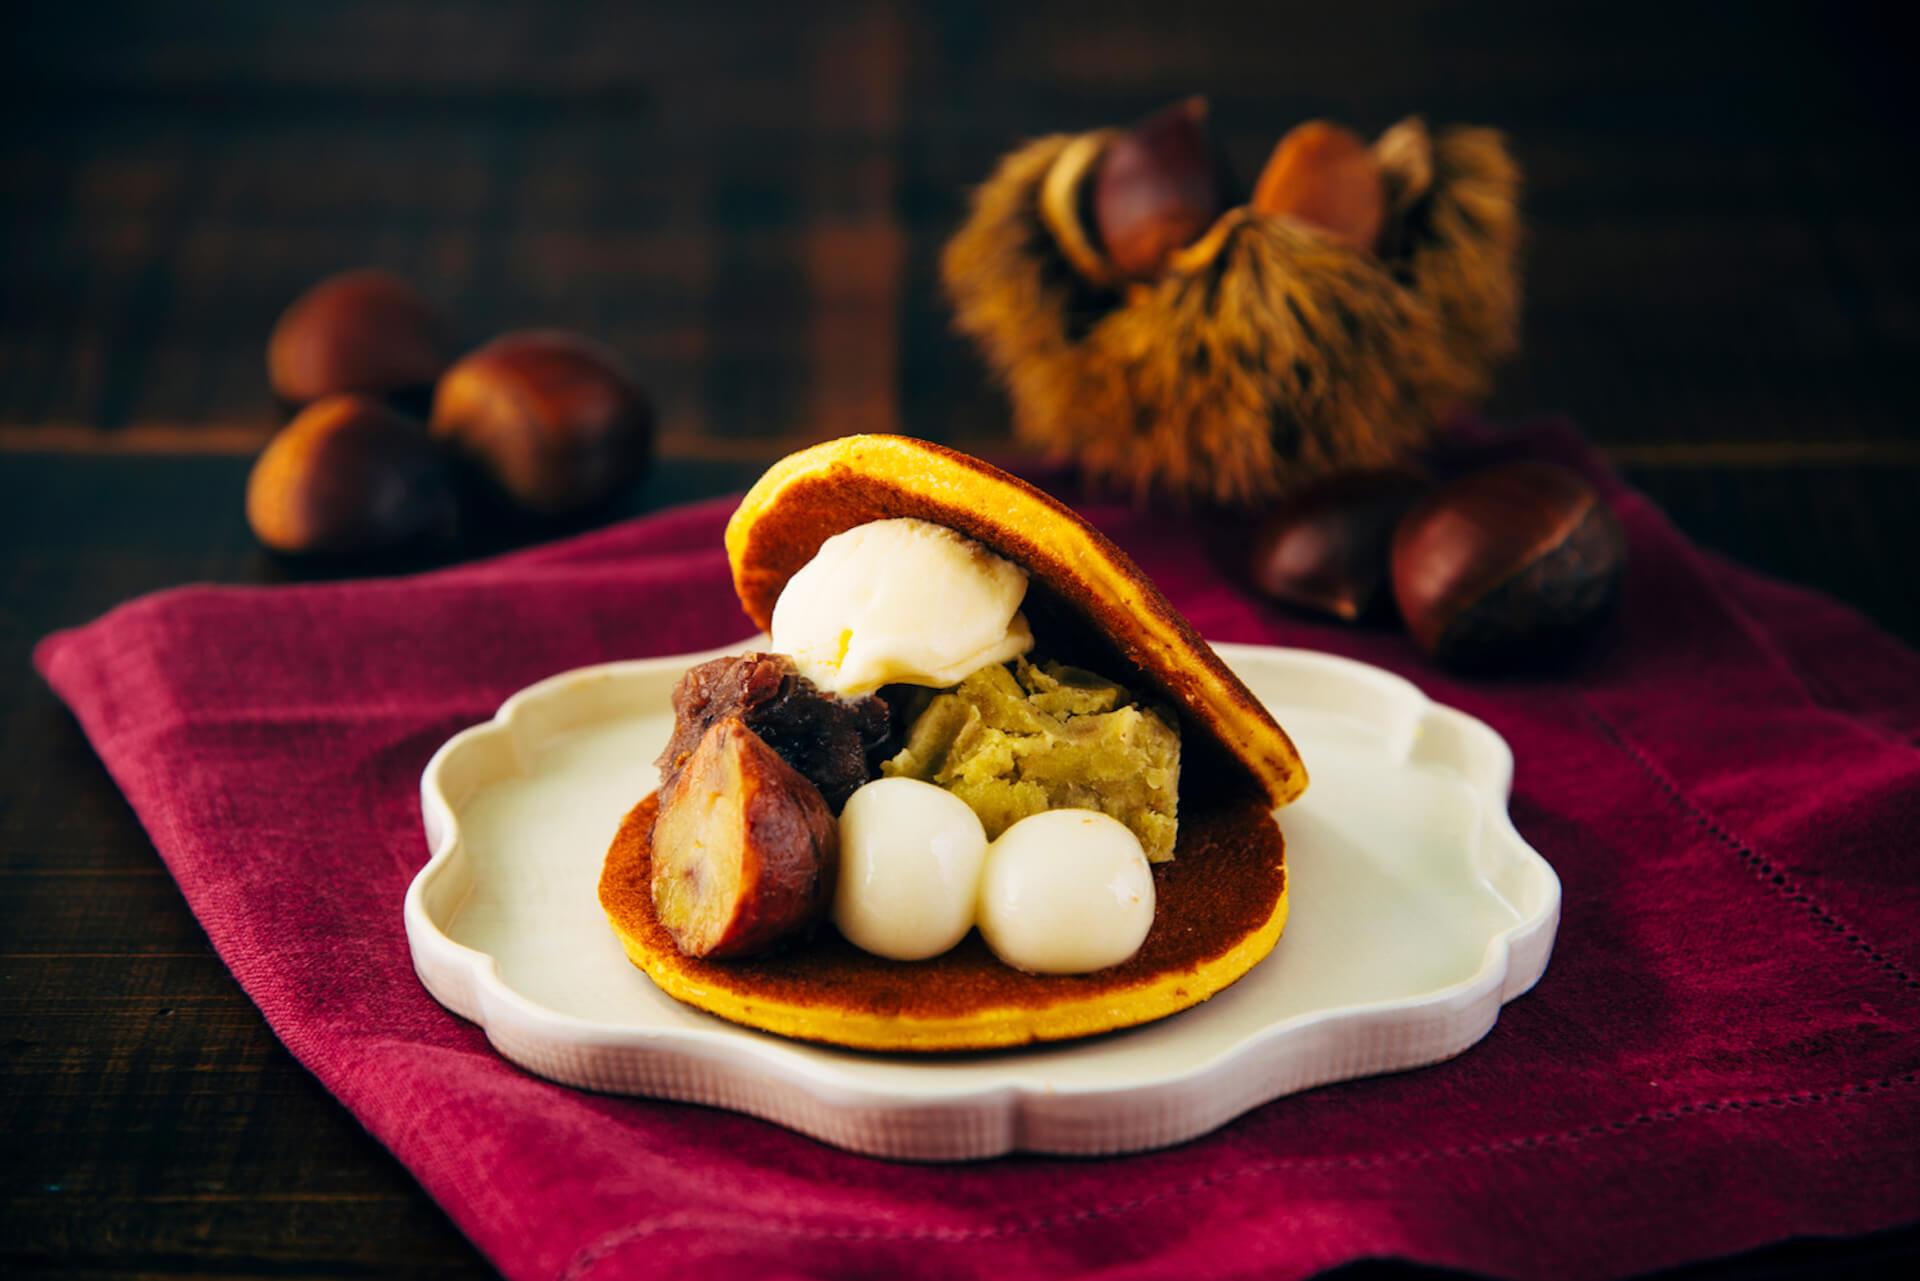 『AKOMEYA食堂』から和の食材を楽しめるシフォンケーキやどら焼きなど秋の新作スイーツ5種類が登場! food202087-akomeya4